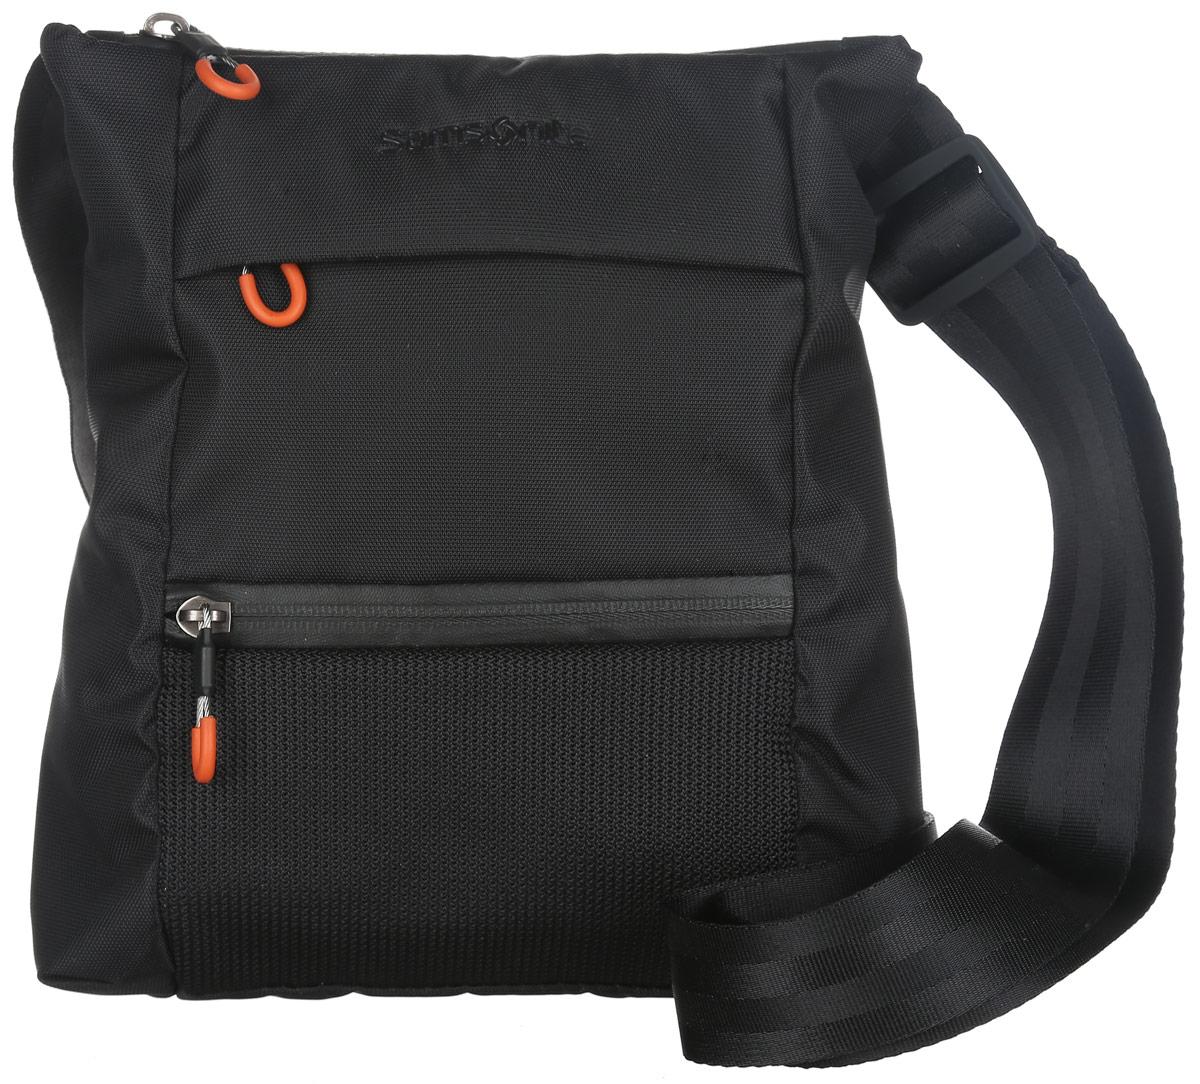 Сумка женская Samsonite, цвет: черный. 50V-0900250V-09002Практичная женская сумка Samsonite изготовлена из полиамида и полиэстера, оформлена символикой бренда. Изделие содержит одно основное отделение, закрывающееся на застежку-молнию. Внутри отделения расположен врезной карман на молнии. Лицевая сторона сумки дополнена потайным карманом на молнии и прорезным карманом на застежке-молнии. На задней стороне изделия расположен накладной карман на липучке. Сумка оснащена наплечным ремнем регулируемой длины. Стильный аксессуар позволит вам завершить образ и быть неотразимой.